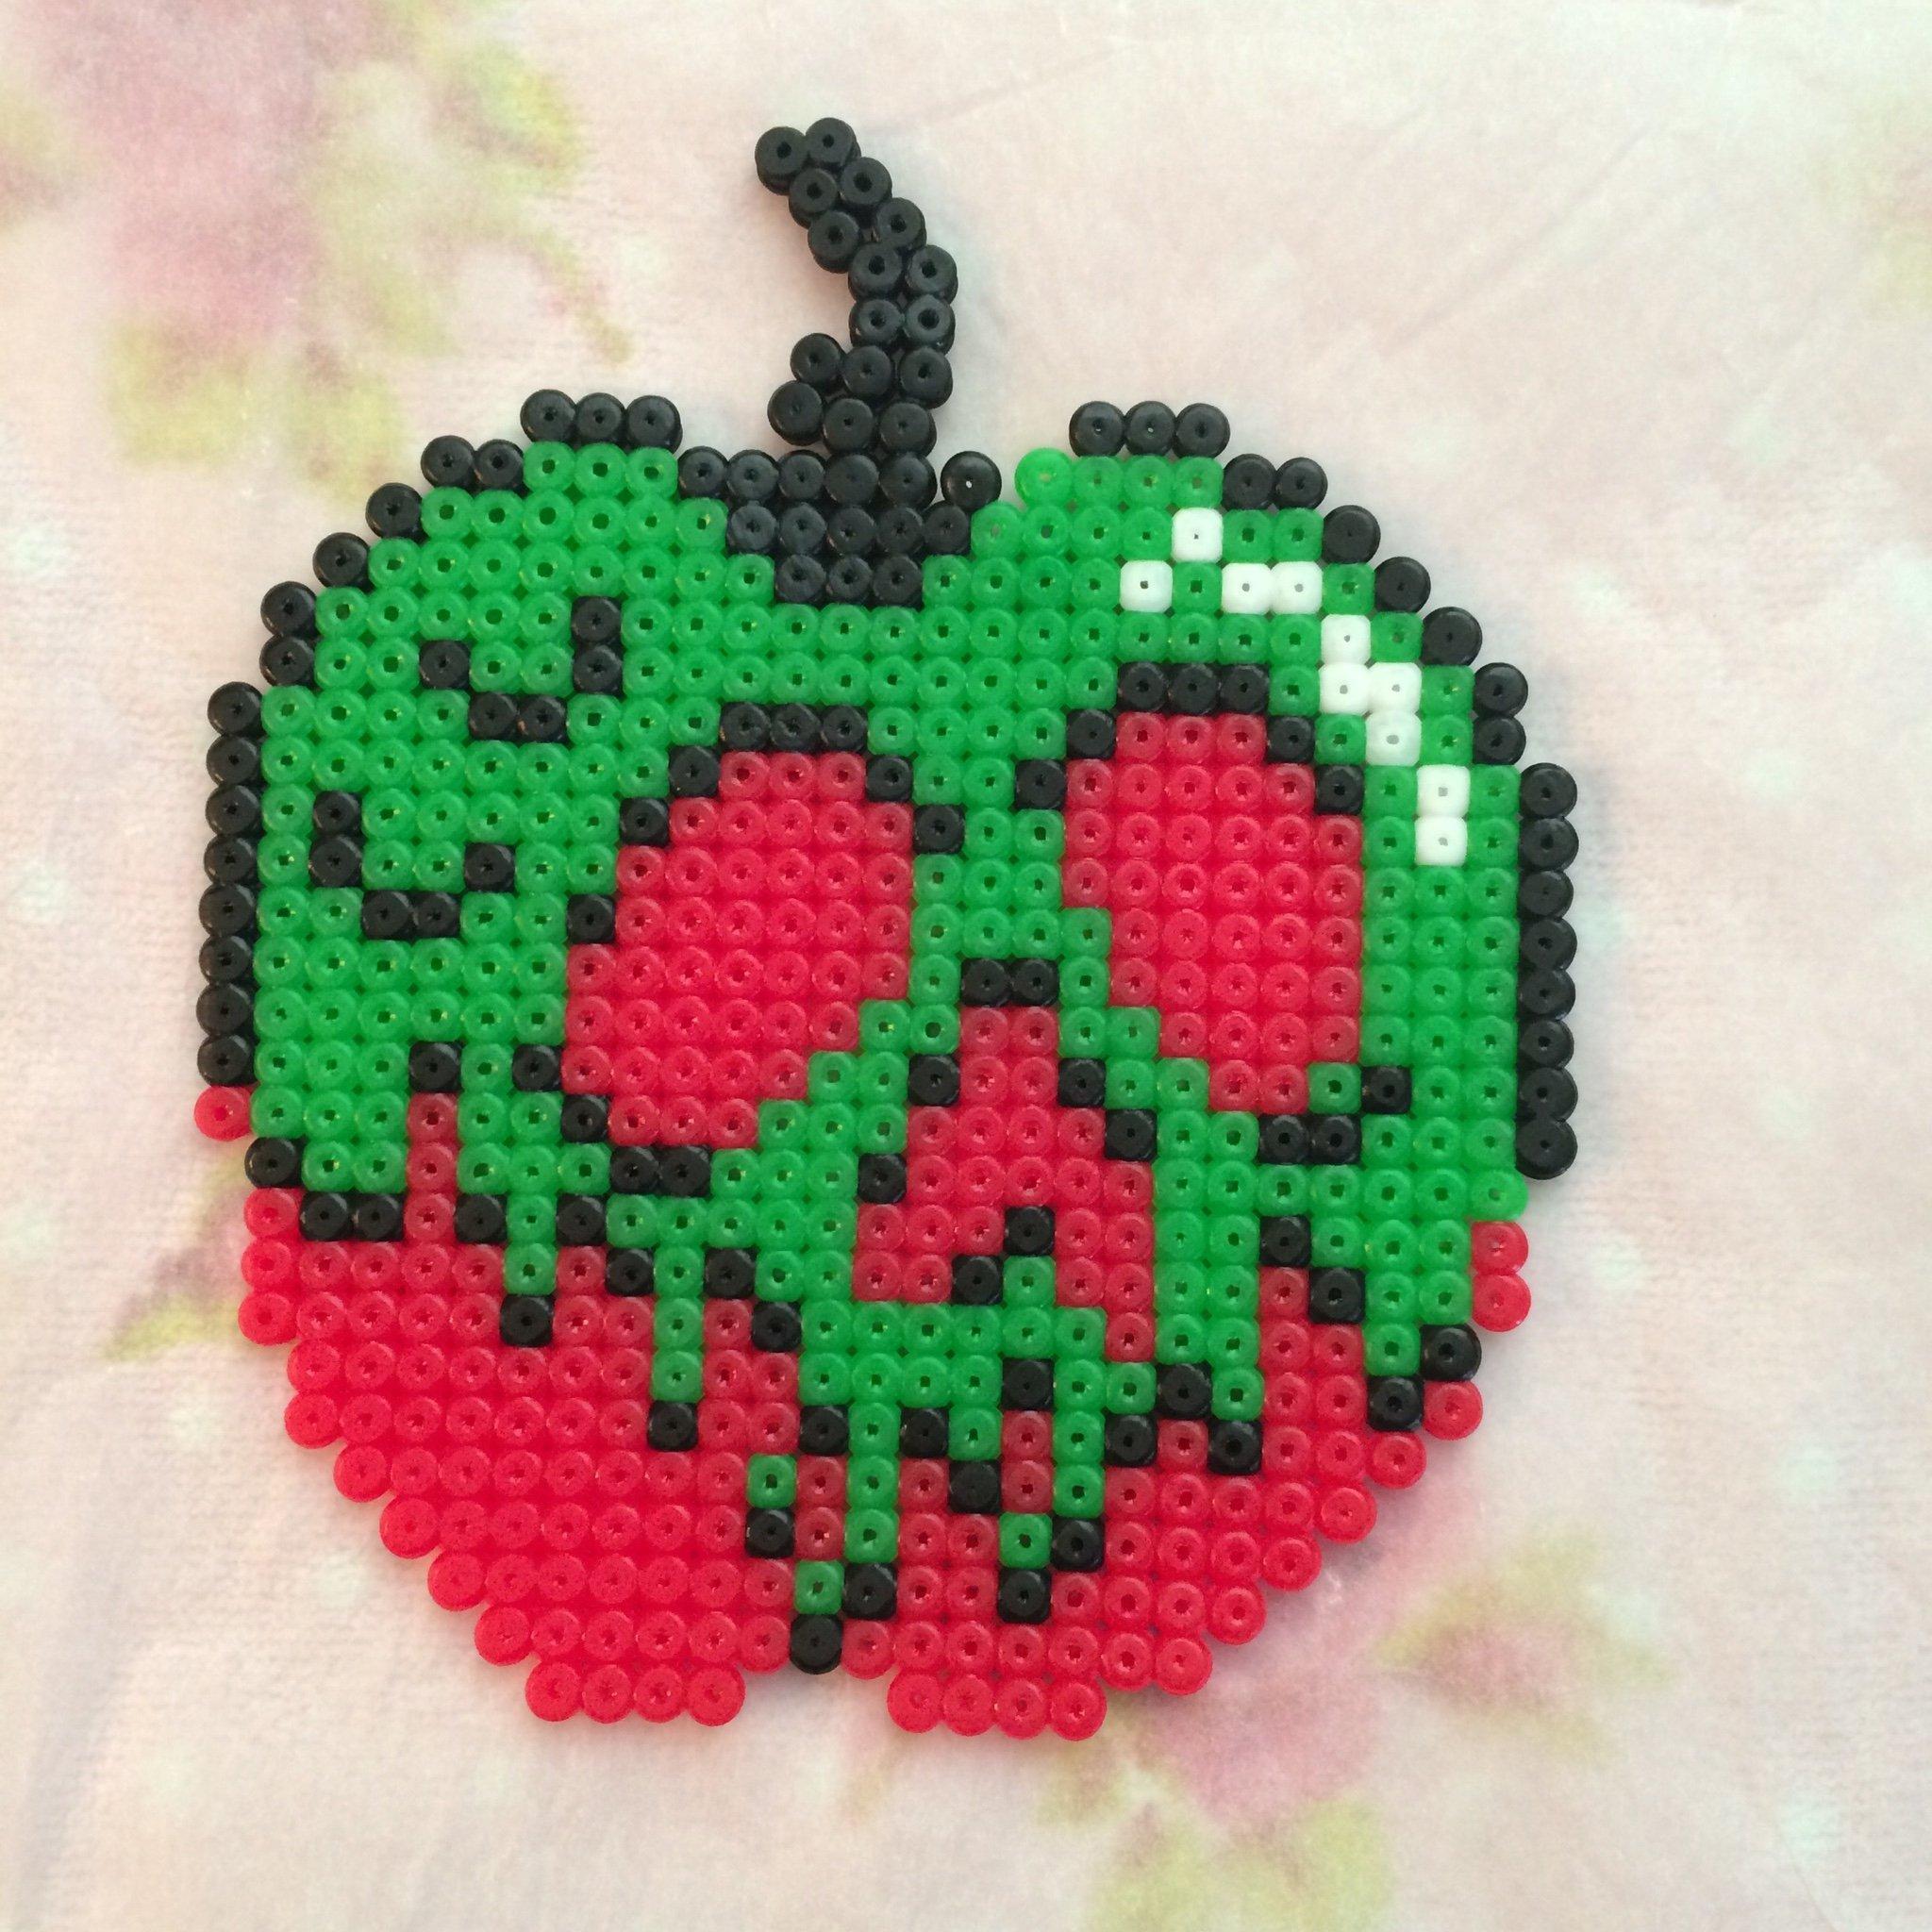 Halloween Figuurtjes Maken.Creatieve Maandag Halloween Strijkkralen Blog